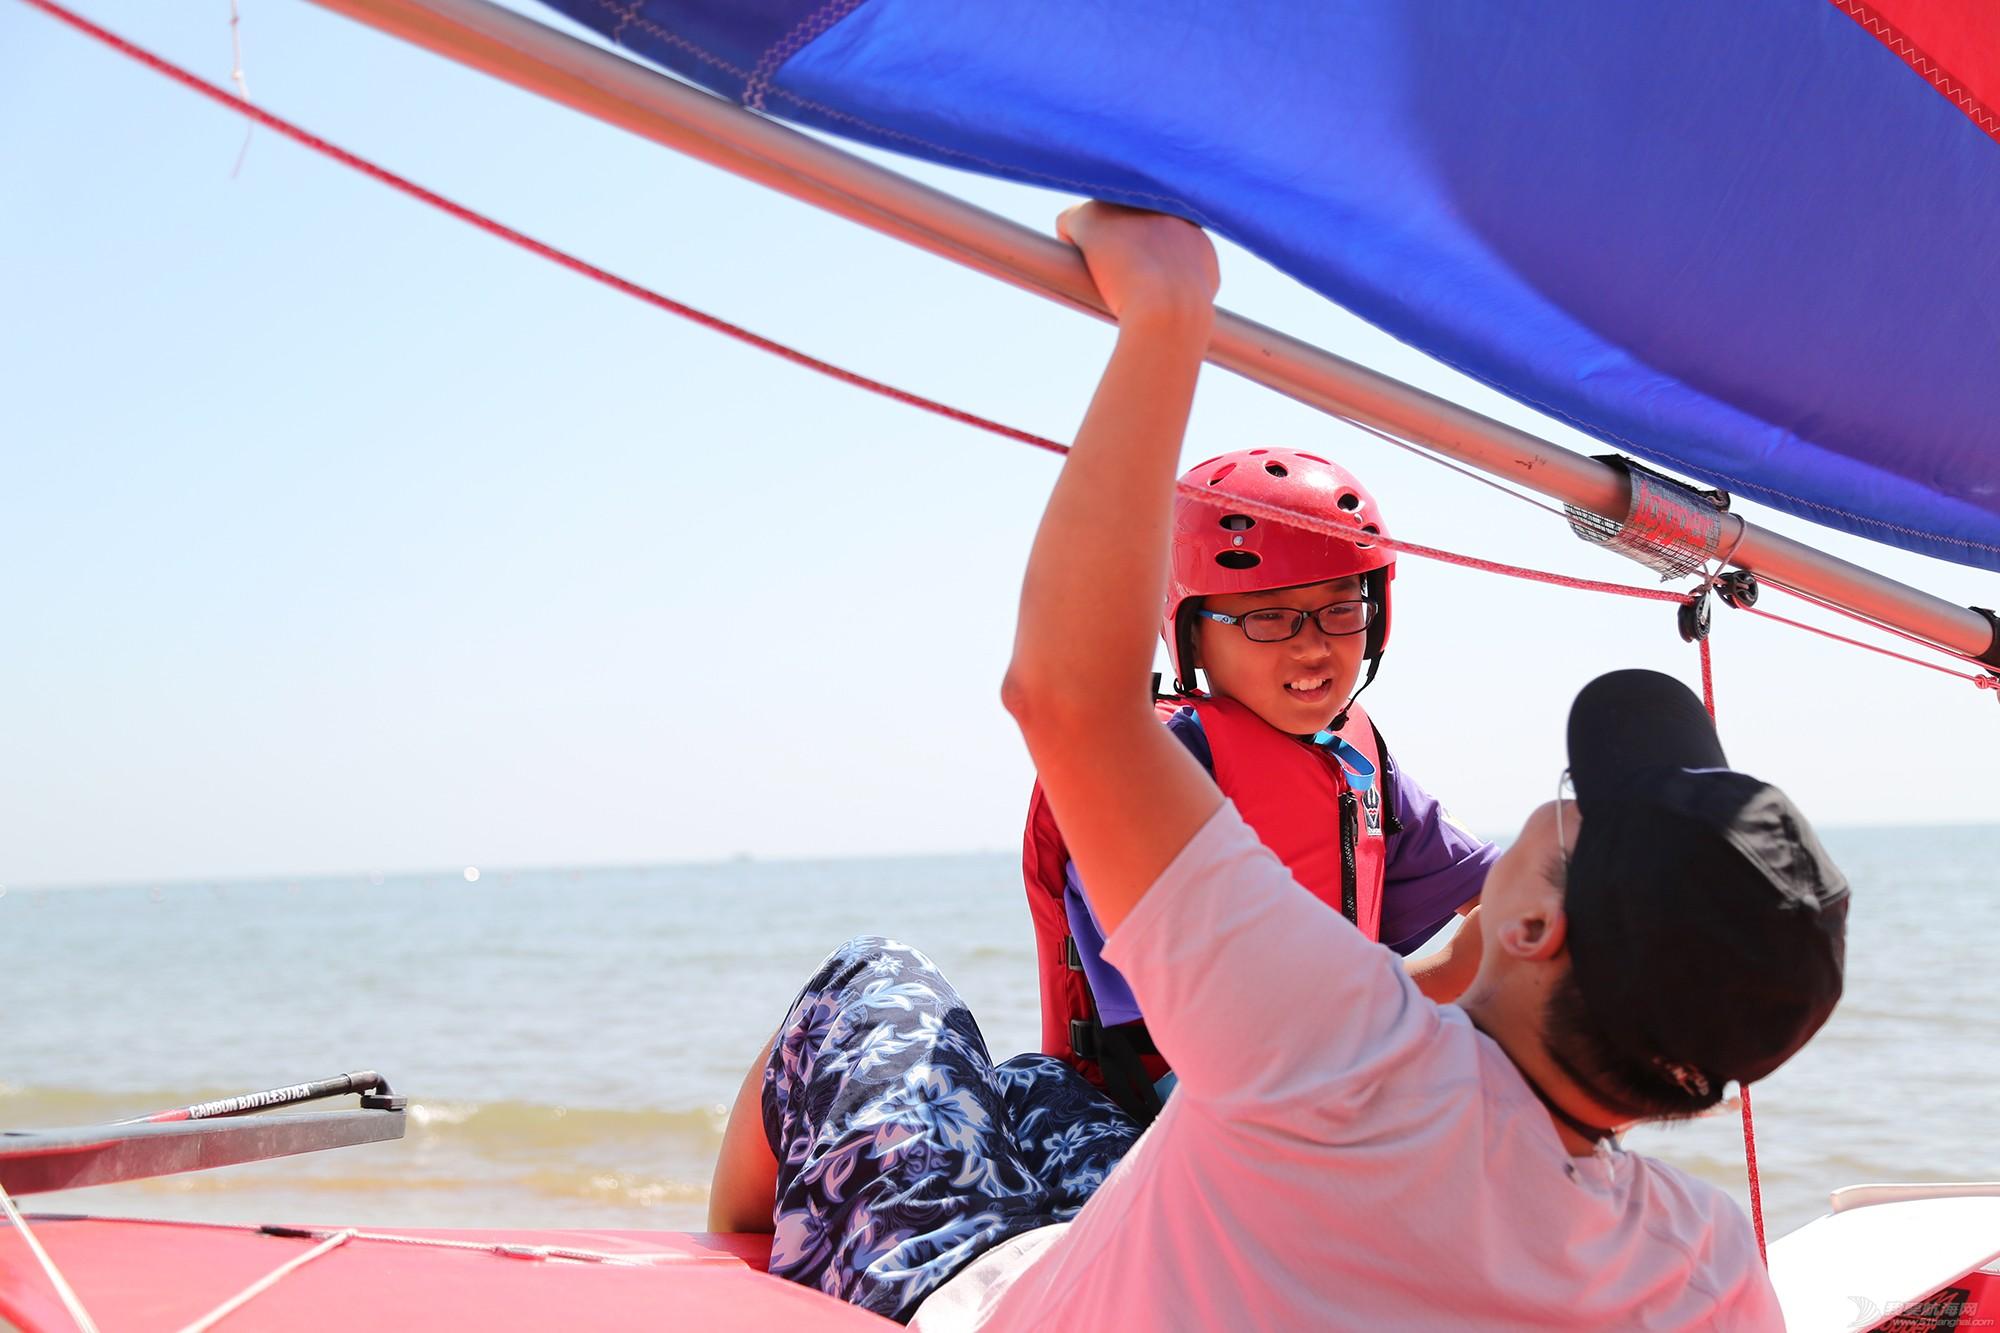 蔚蓝海岸,成长的故事,秦皇岛,爸爸妈妈,俱乐部 赛前花絮-关于帆船和成长的故事 5V8A7294.JPG